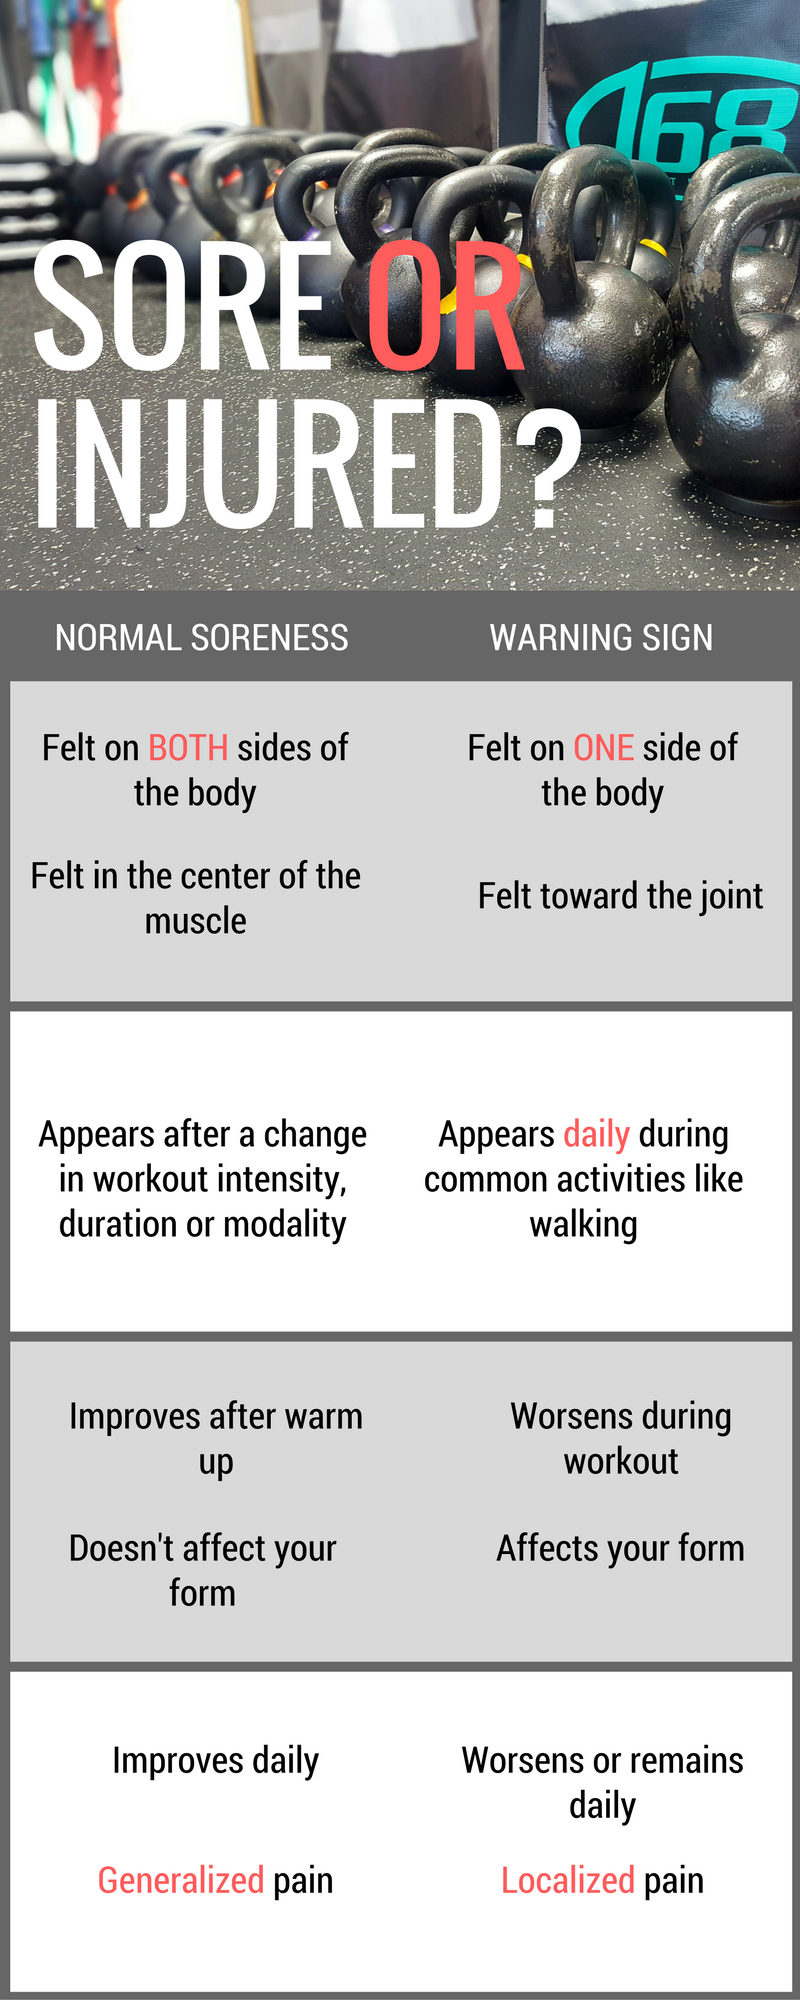 Soreness Vs. Injury chart